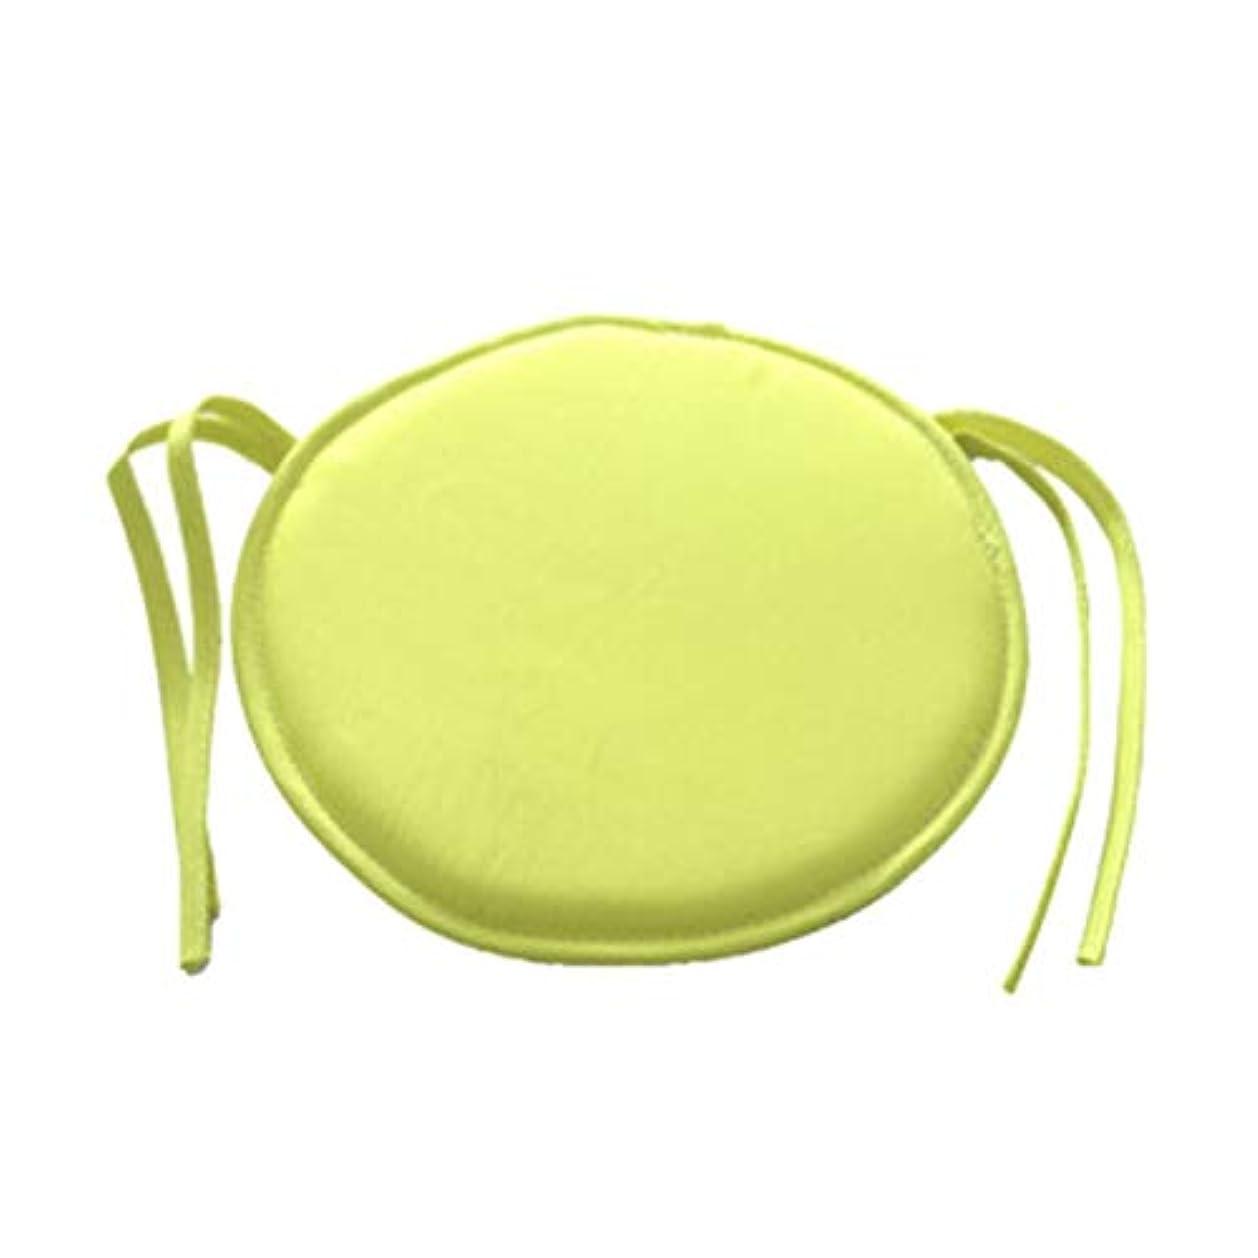 養う単調な歪めるLIFE ホット販売ラウンドチェアクッション屋内ポップパティオオフィスチェアシートパッドネクタイスクエアガーデンキッチンダイニングクッション クッション 椅子